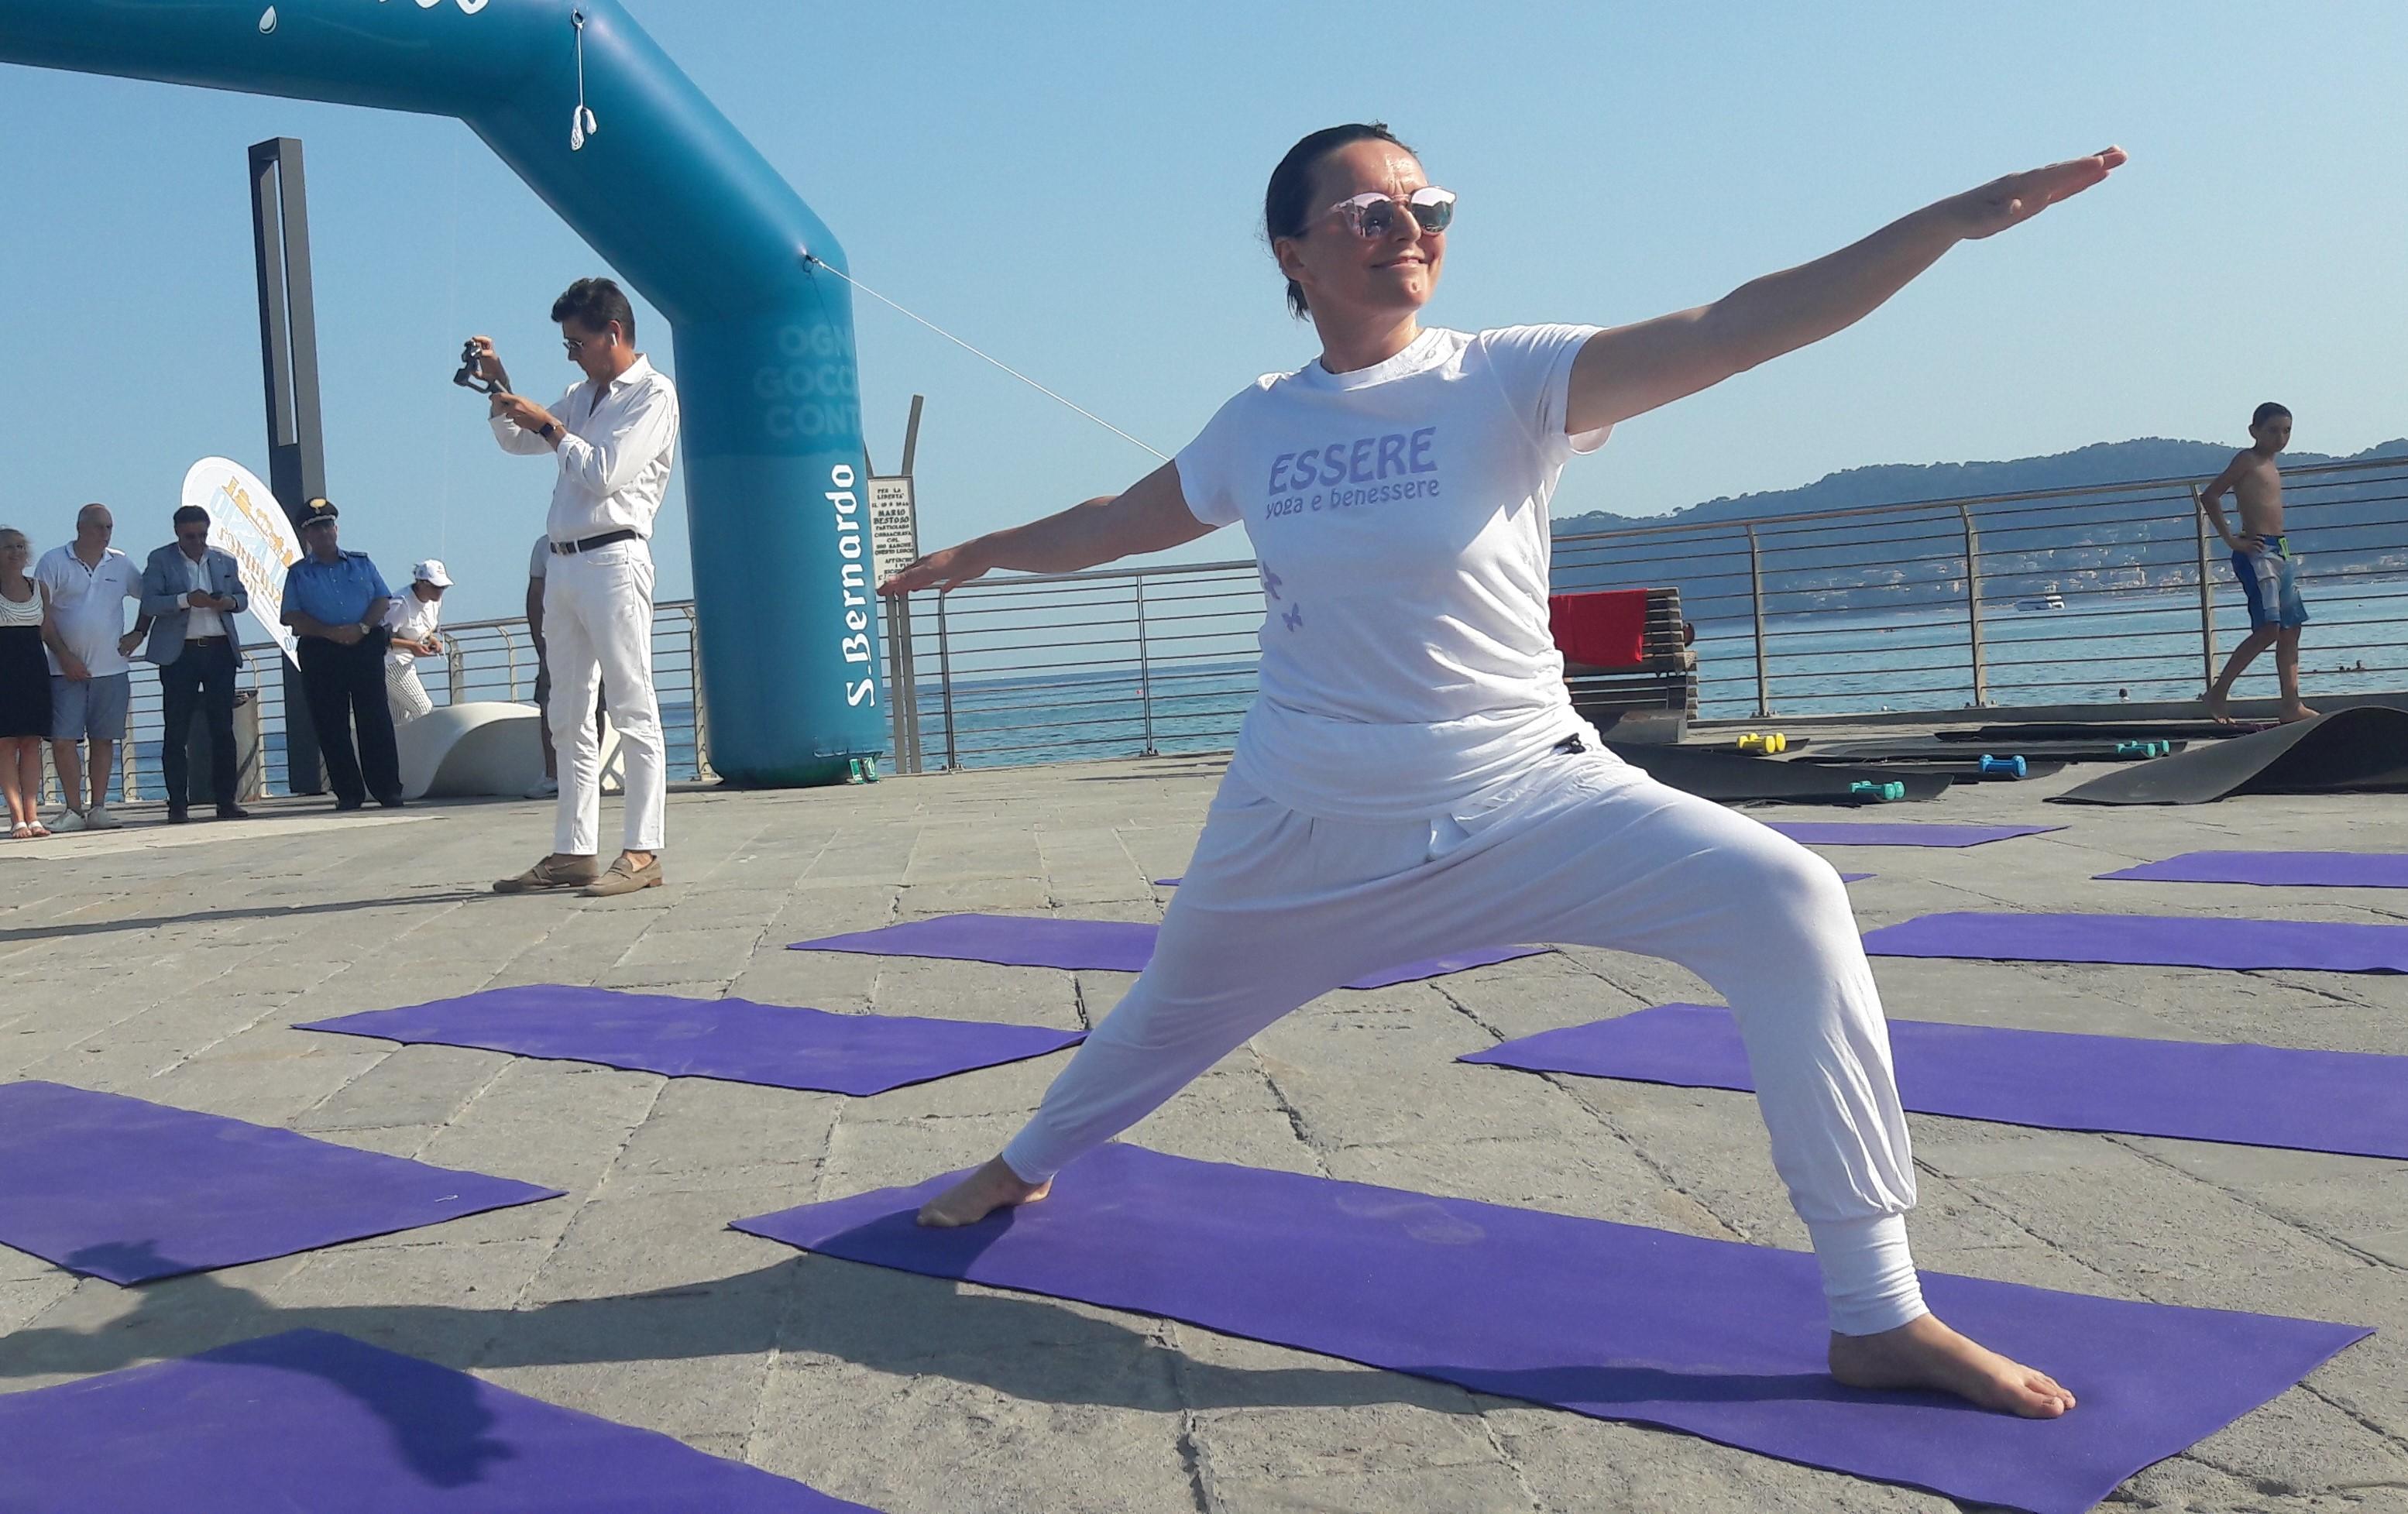 1_essere-free-yoga-gratuito-benessere-per-tutti-village-citta-alassio-estate-lucia-ragazzi-summer-town-wellness-039